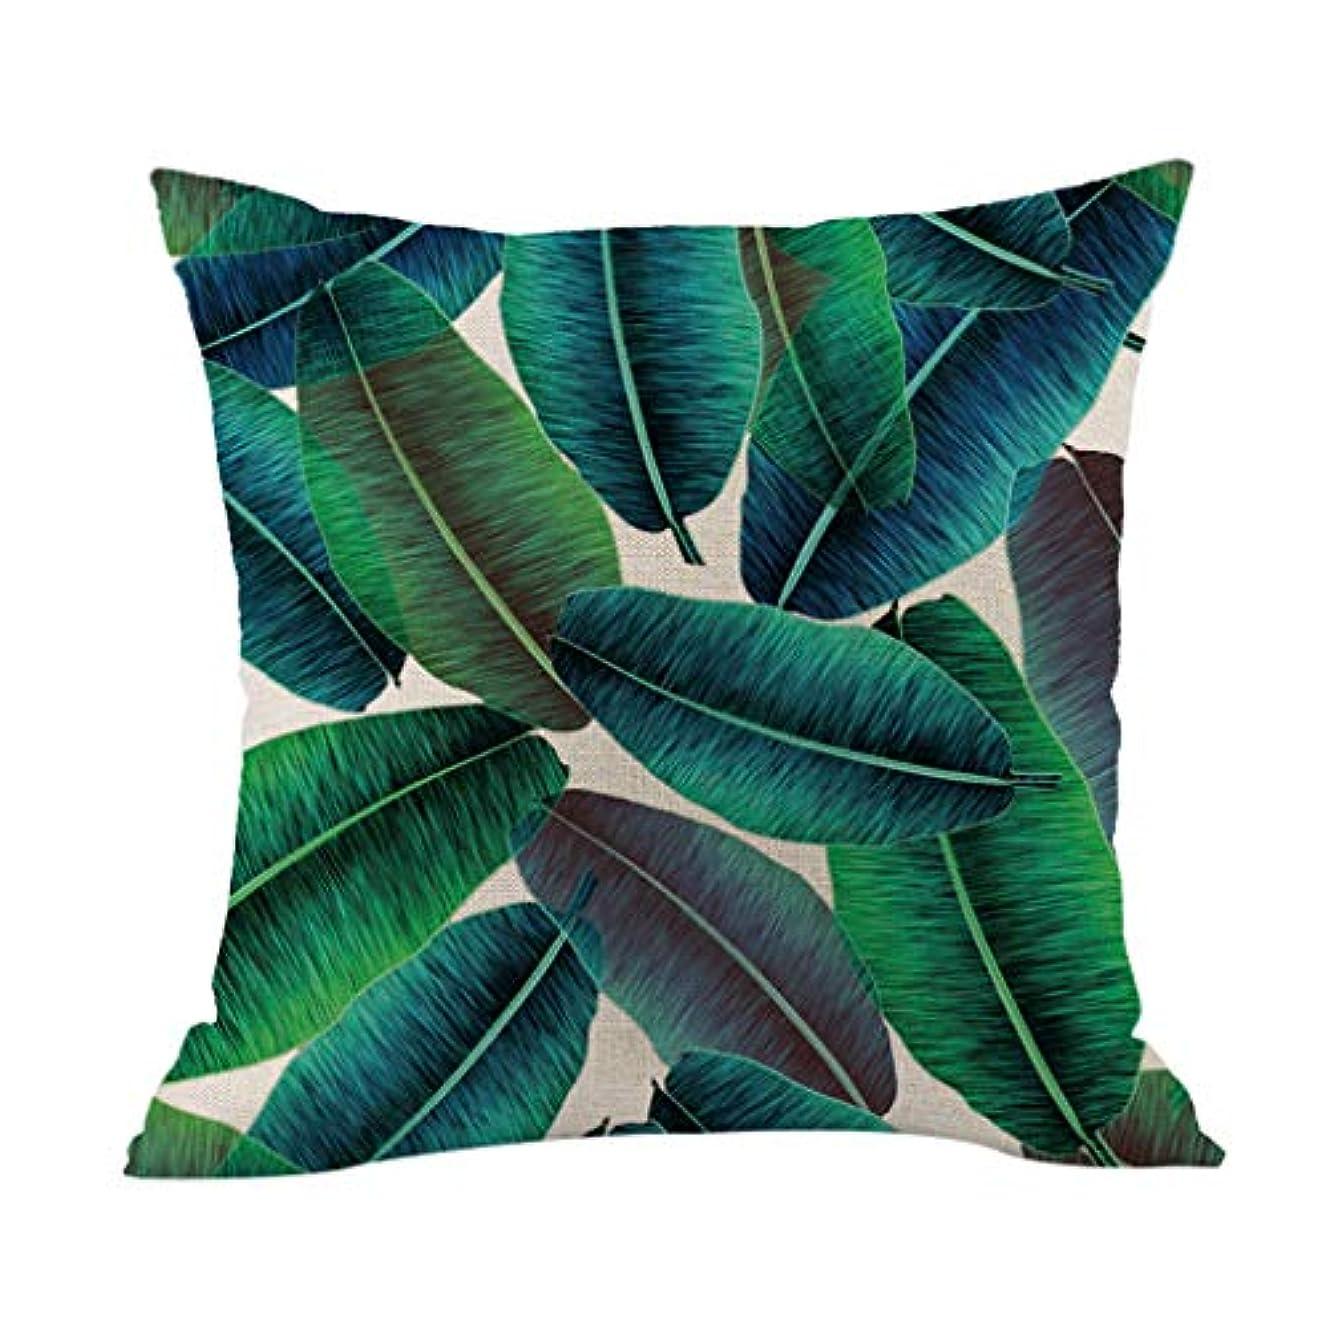 スカルク準備謝罪するLIFE 高品質クッション熱帯植物ポリエステル枕ソファ投げるパッドセットホーム人格クッション coussin decoratif クッション 椅子